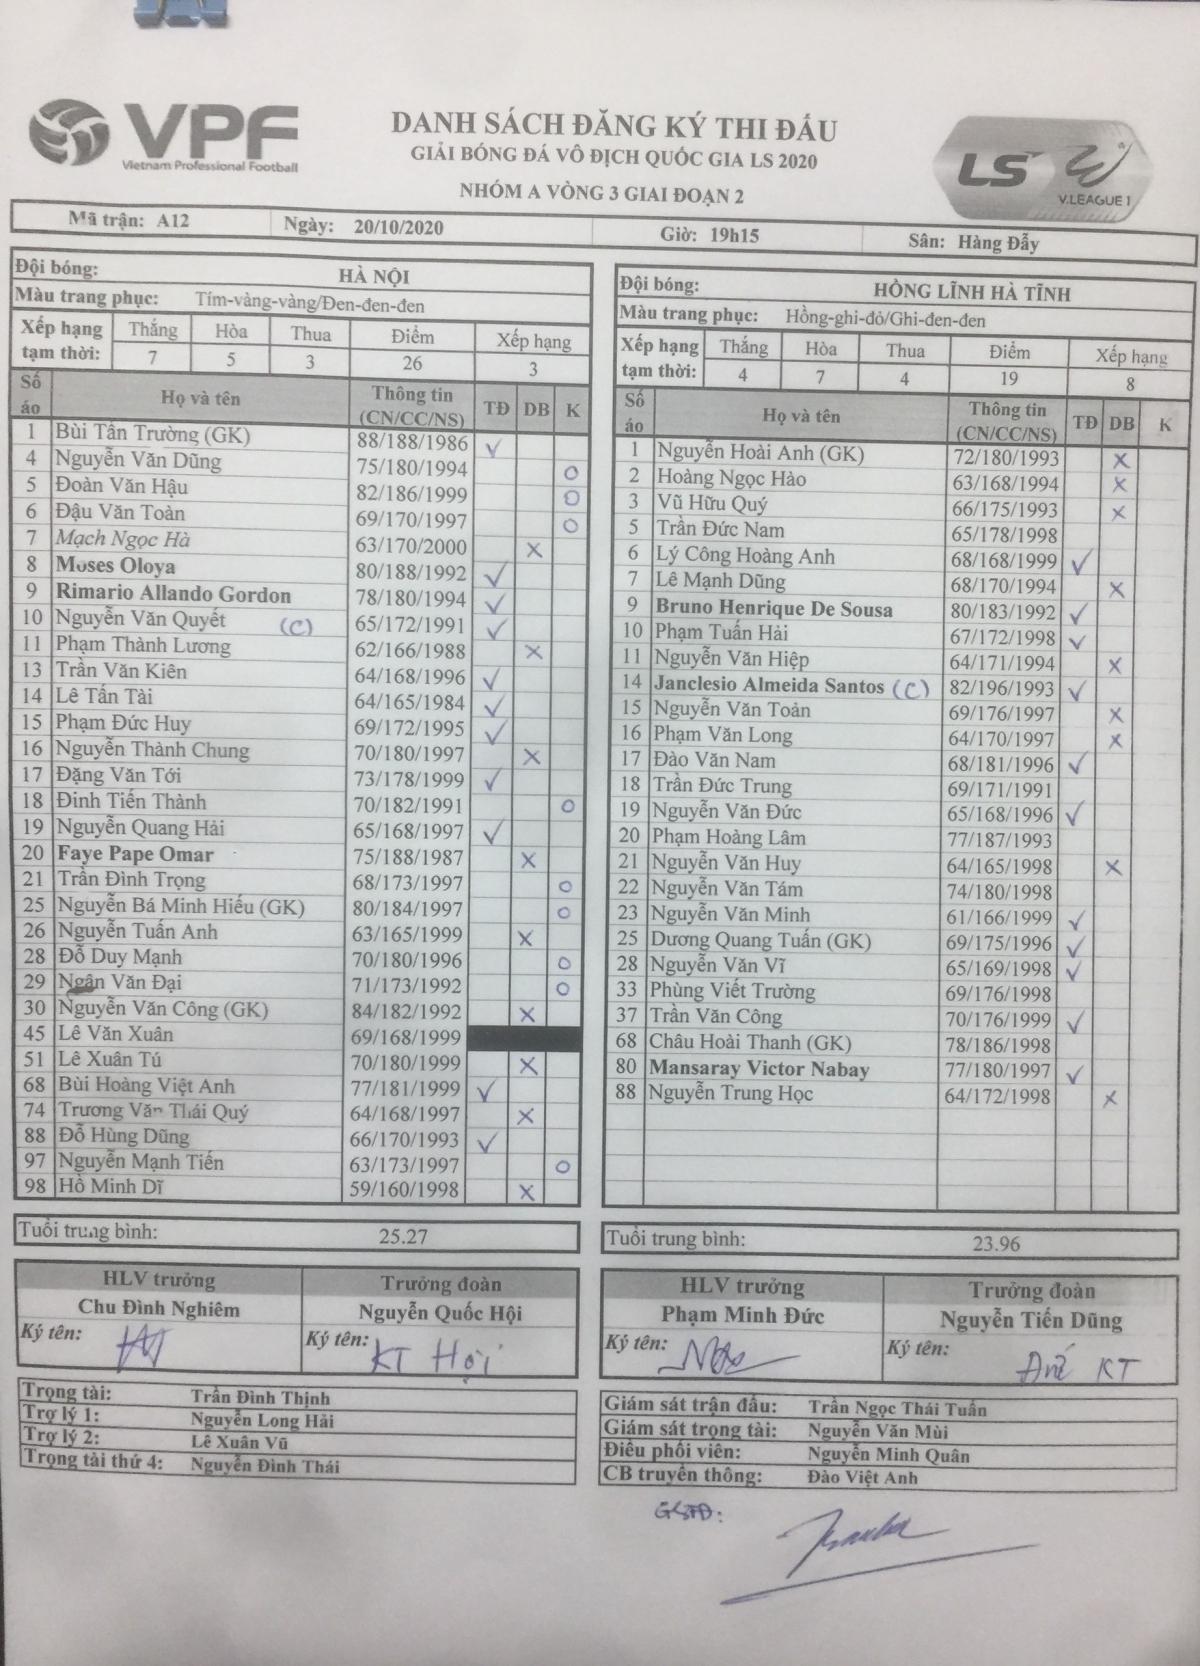 Đội hình đăng ký thi đấu của Hà Nội FC vs Hà Tĩnh.